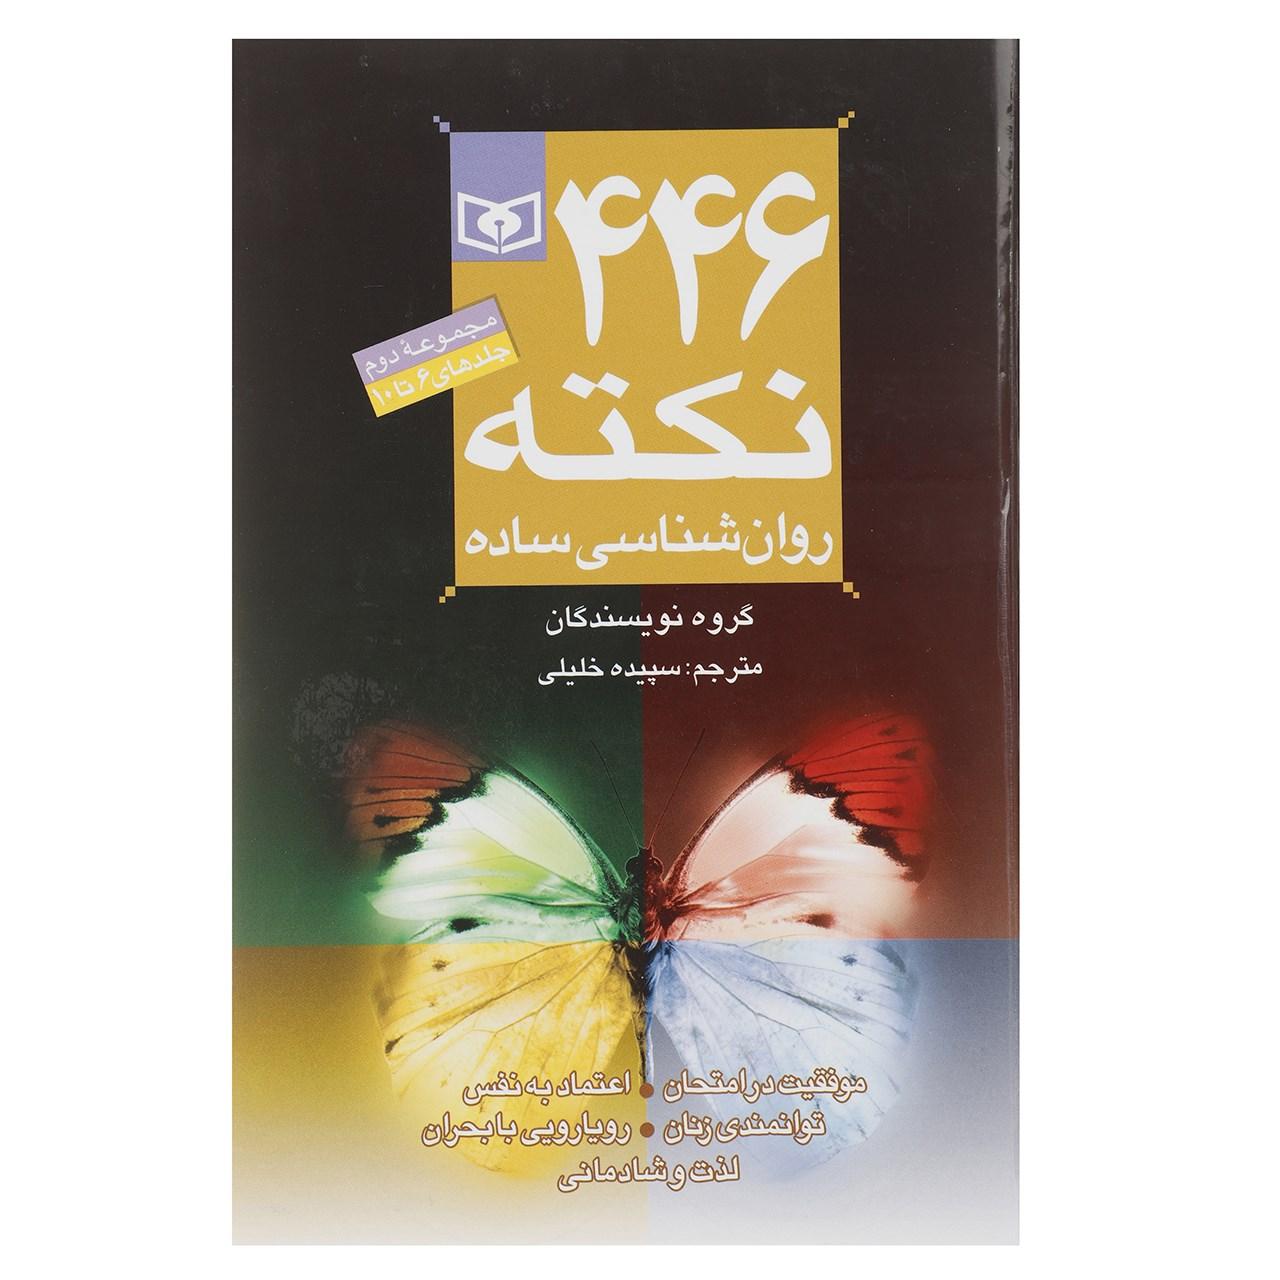 خرید                      کتاب 446 نکته روان شناسی ساده اثر آنیتا نیک - مجموعه دوم